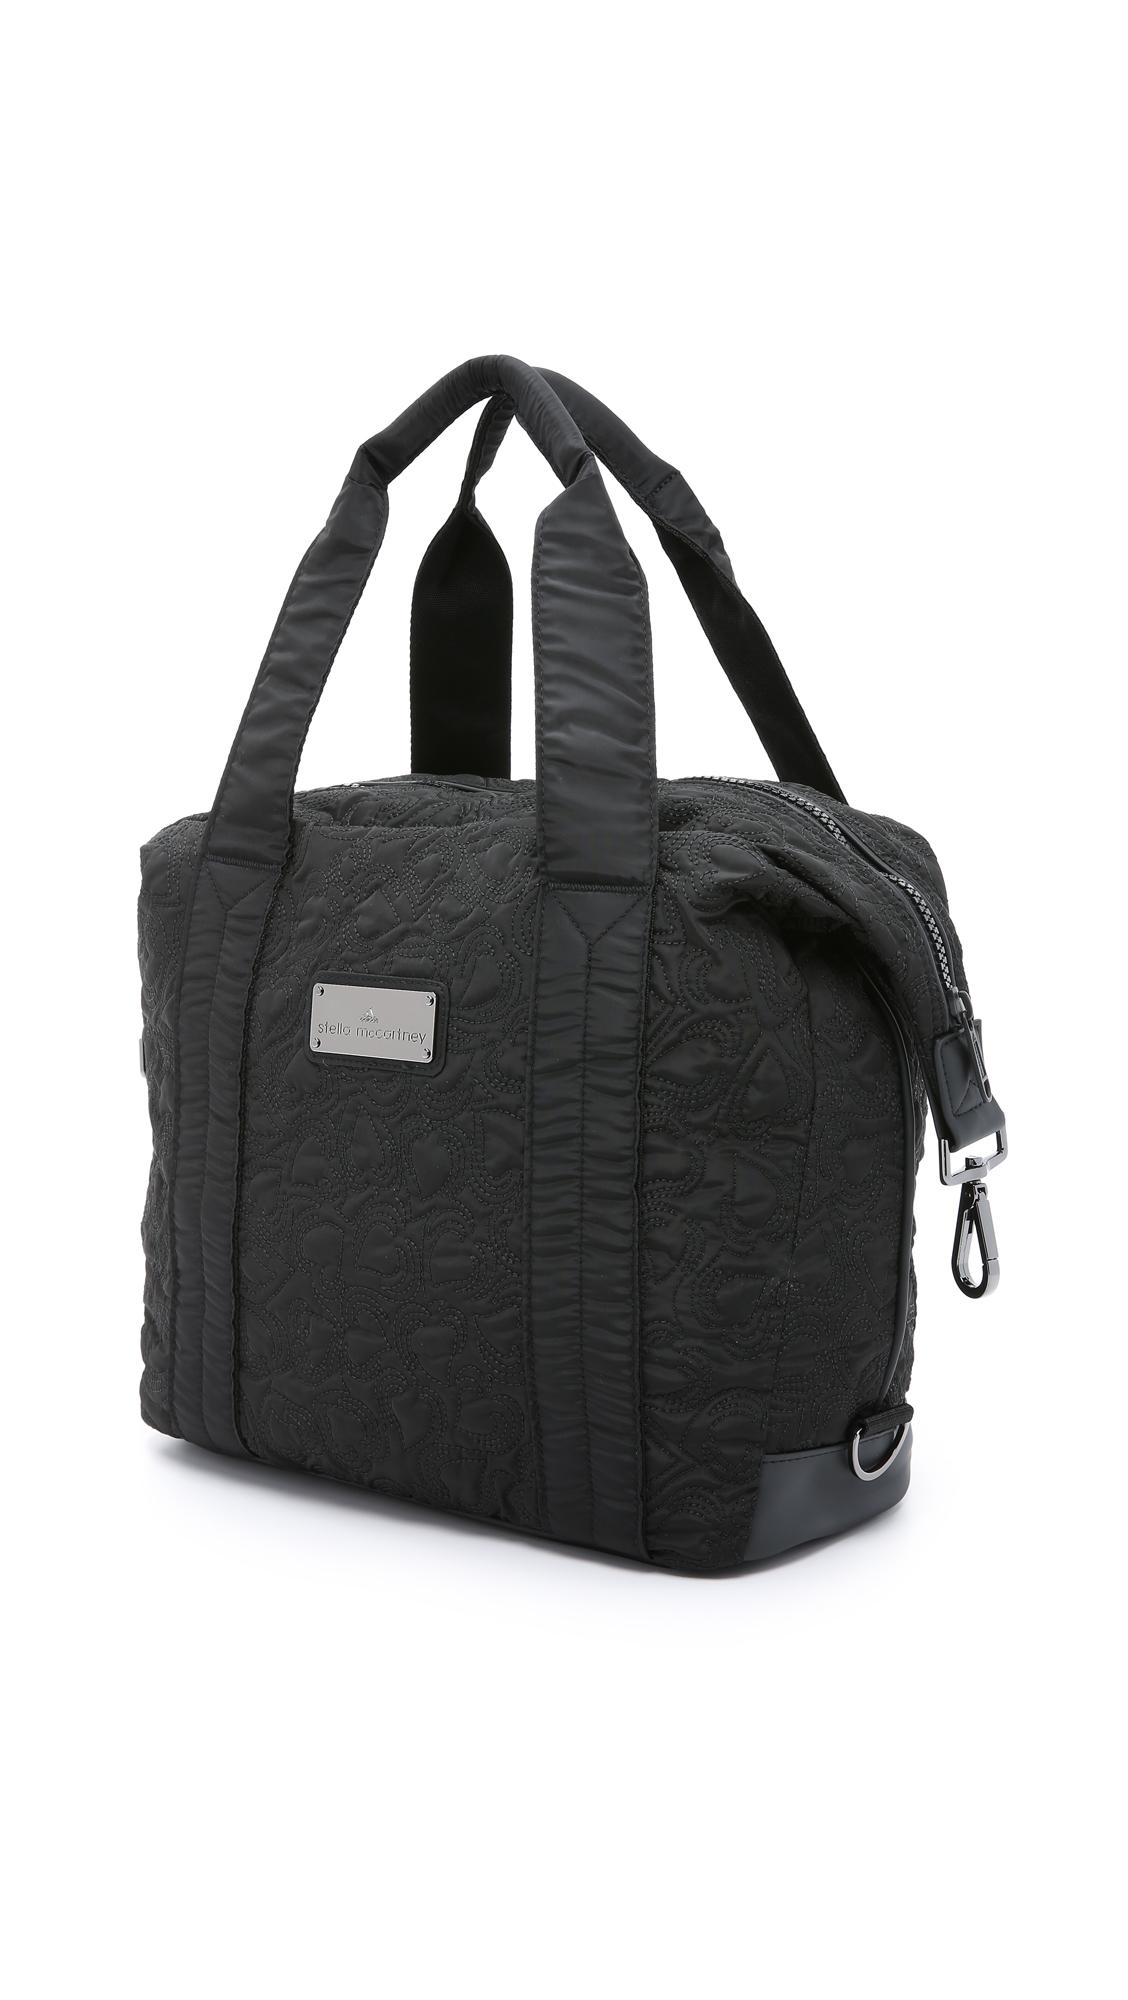 d8e463ac80f9 adidas By Stella McCartney Small Gym Bag - Black in Black - Lyst